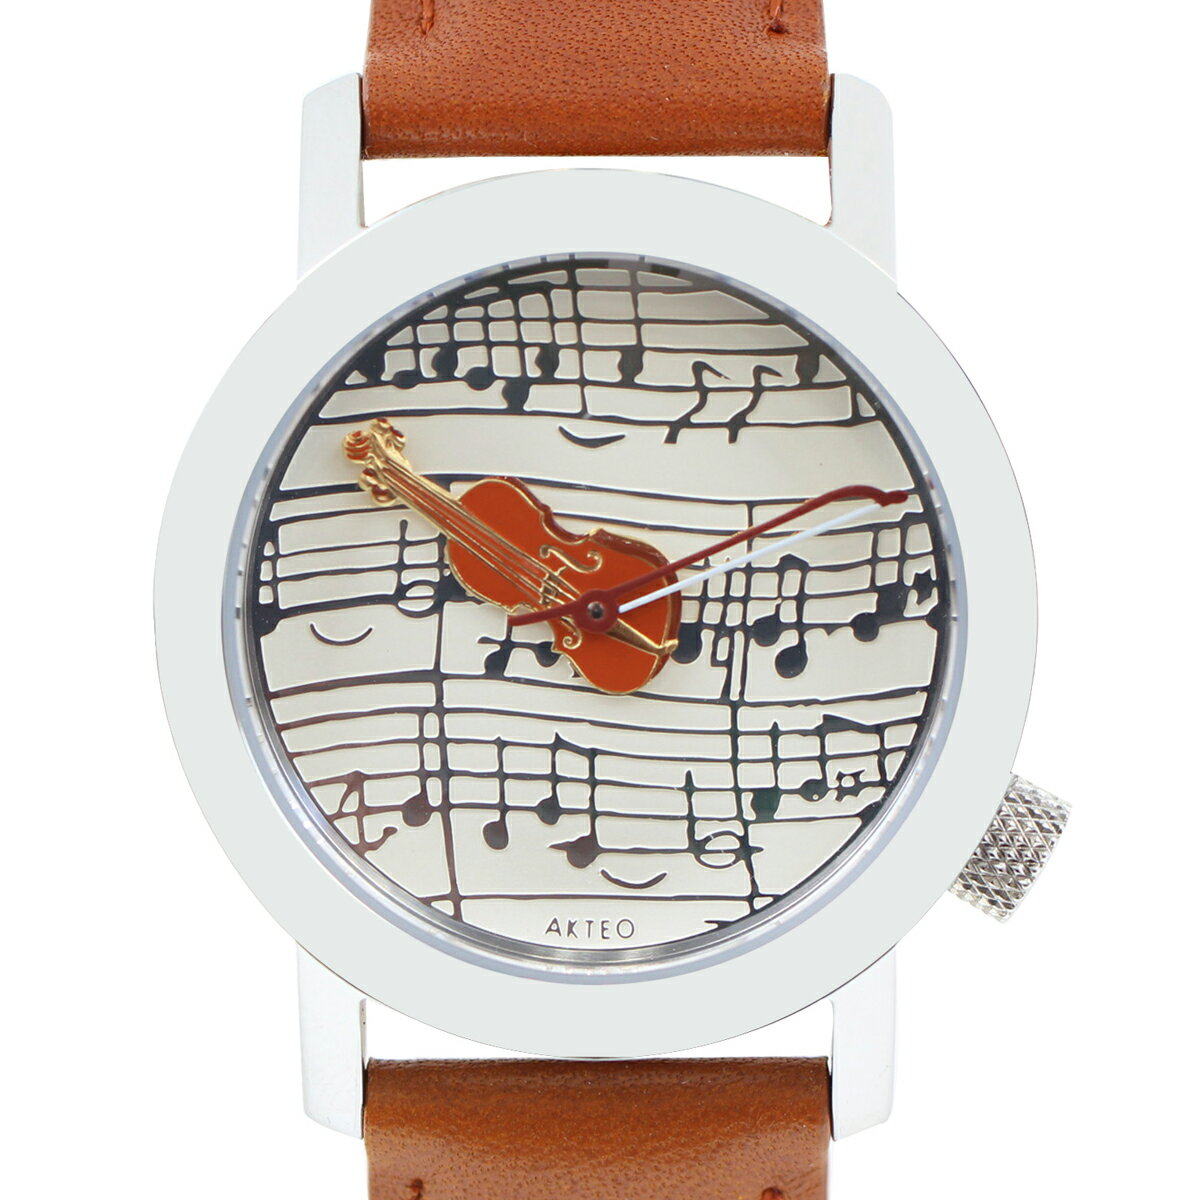 アクテオ AKTEO   腕時計  34mm STRAD VIOLIN  時計 ブラウン フランス製【05P03Dec16】【05P03Dec16】 正規品。アートとテクノロジーが完璧に融合!フランスの「時計の街」から歴史と伝統の確かな技術を。